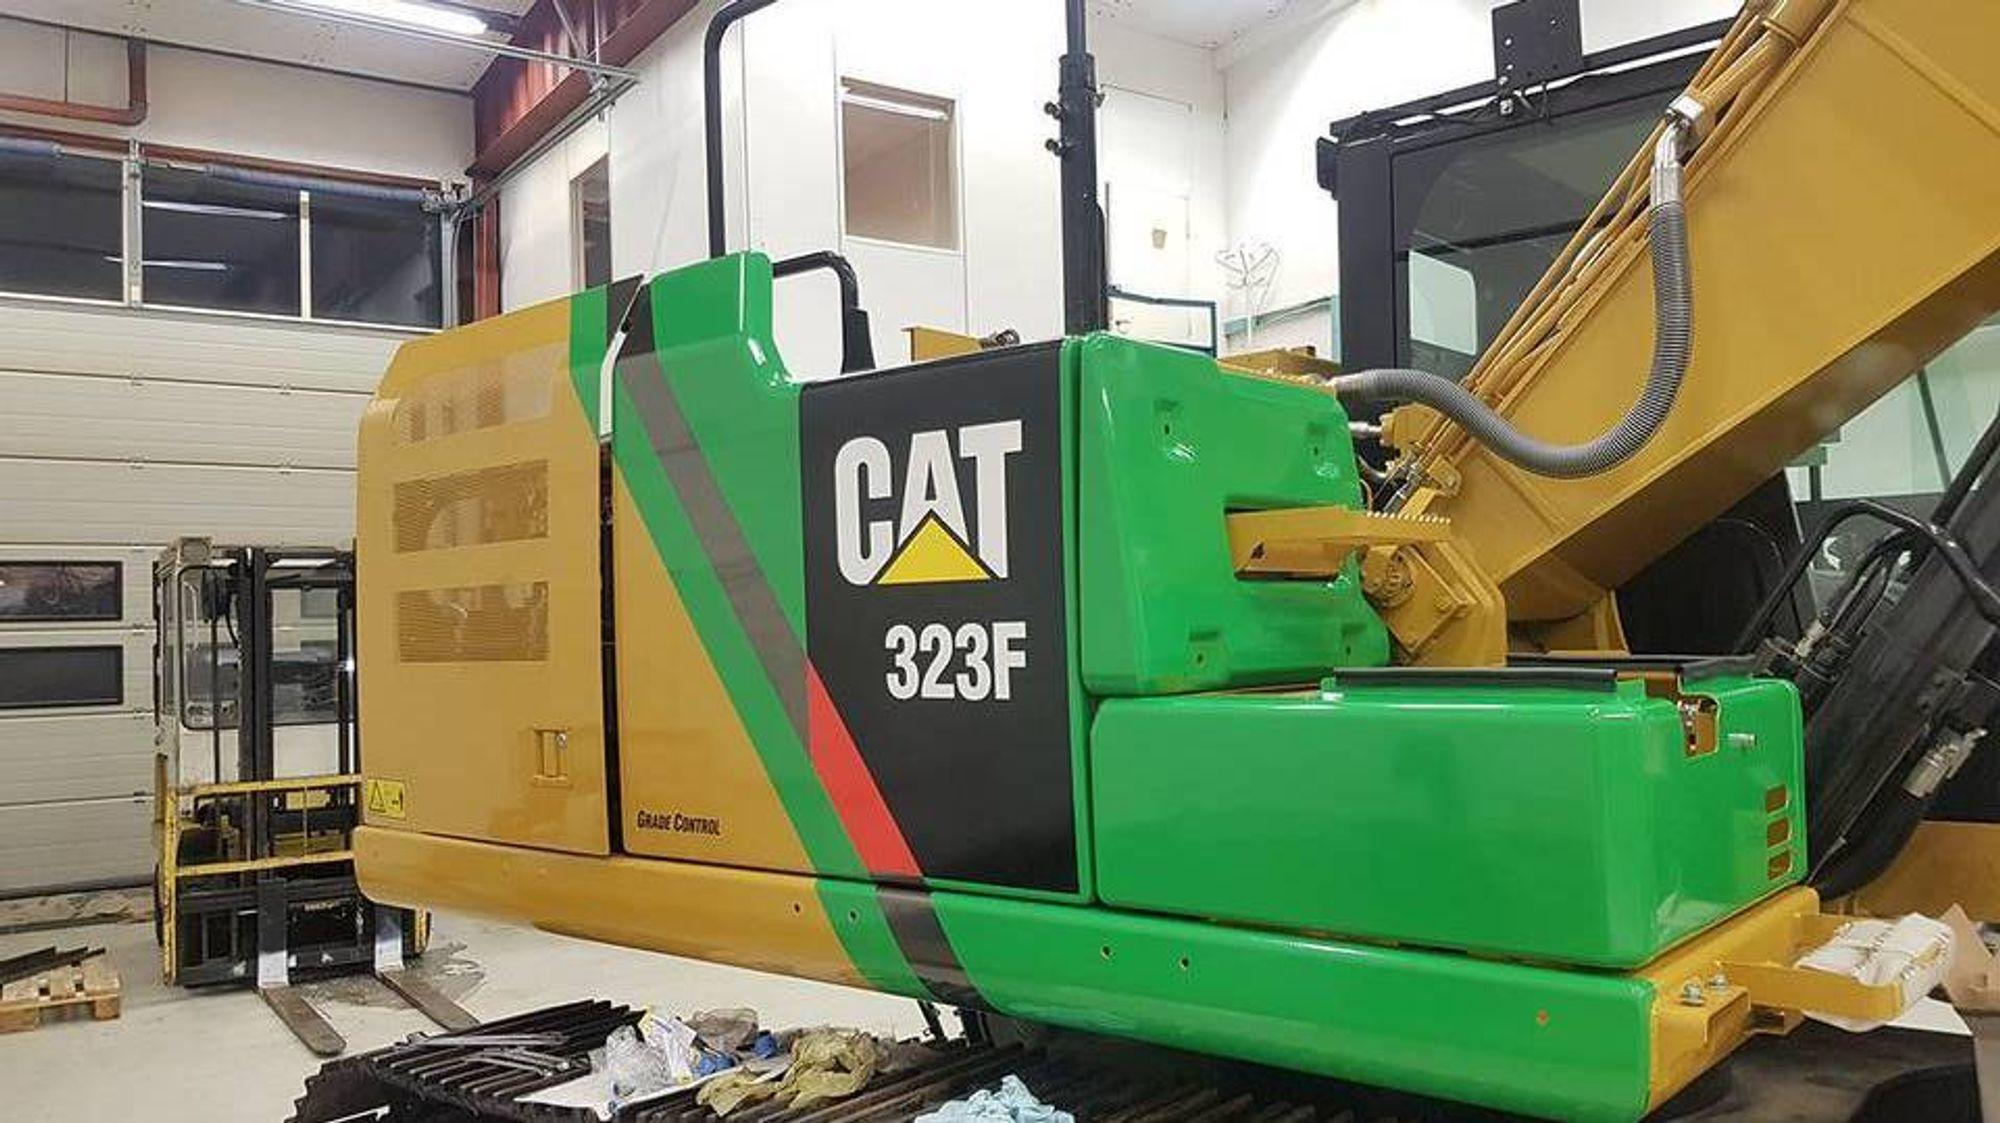 Pons maskin er en ombygget utgave av allrounderen Cat 323F, og har fått navnet Cat 323F Z-line. Prosjektleder Eivind Hafslund planlegger å overlevere de tre første maskinene før nyttår.